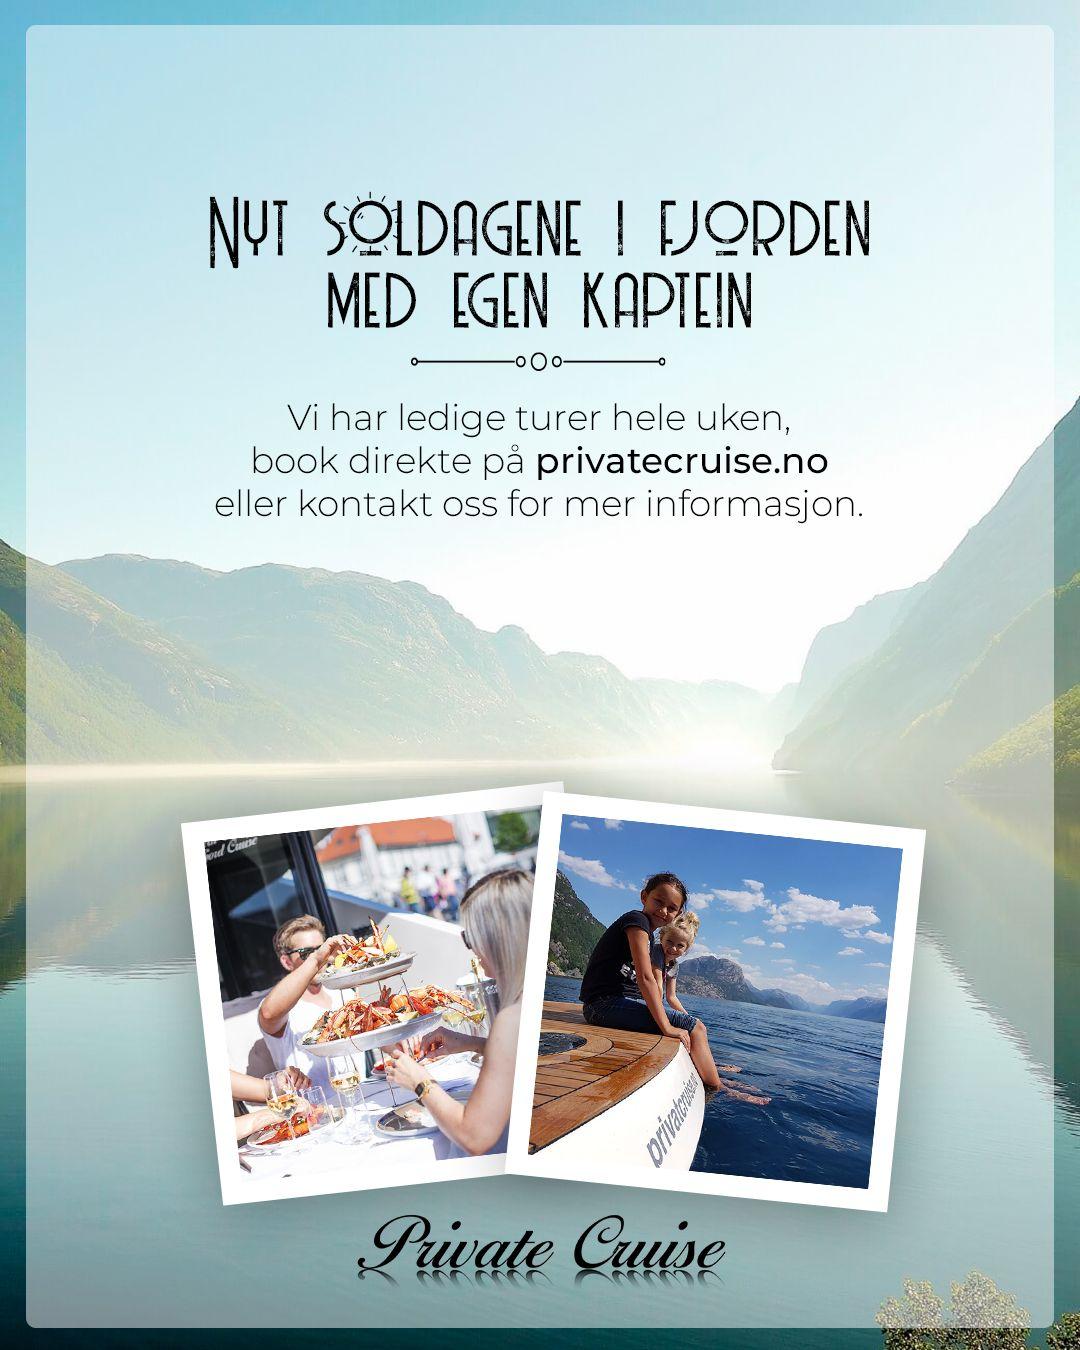 bolgen media some poster 002